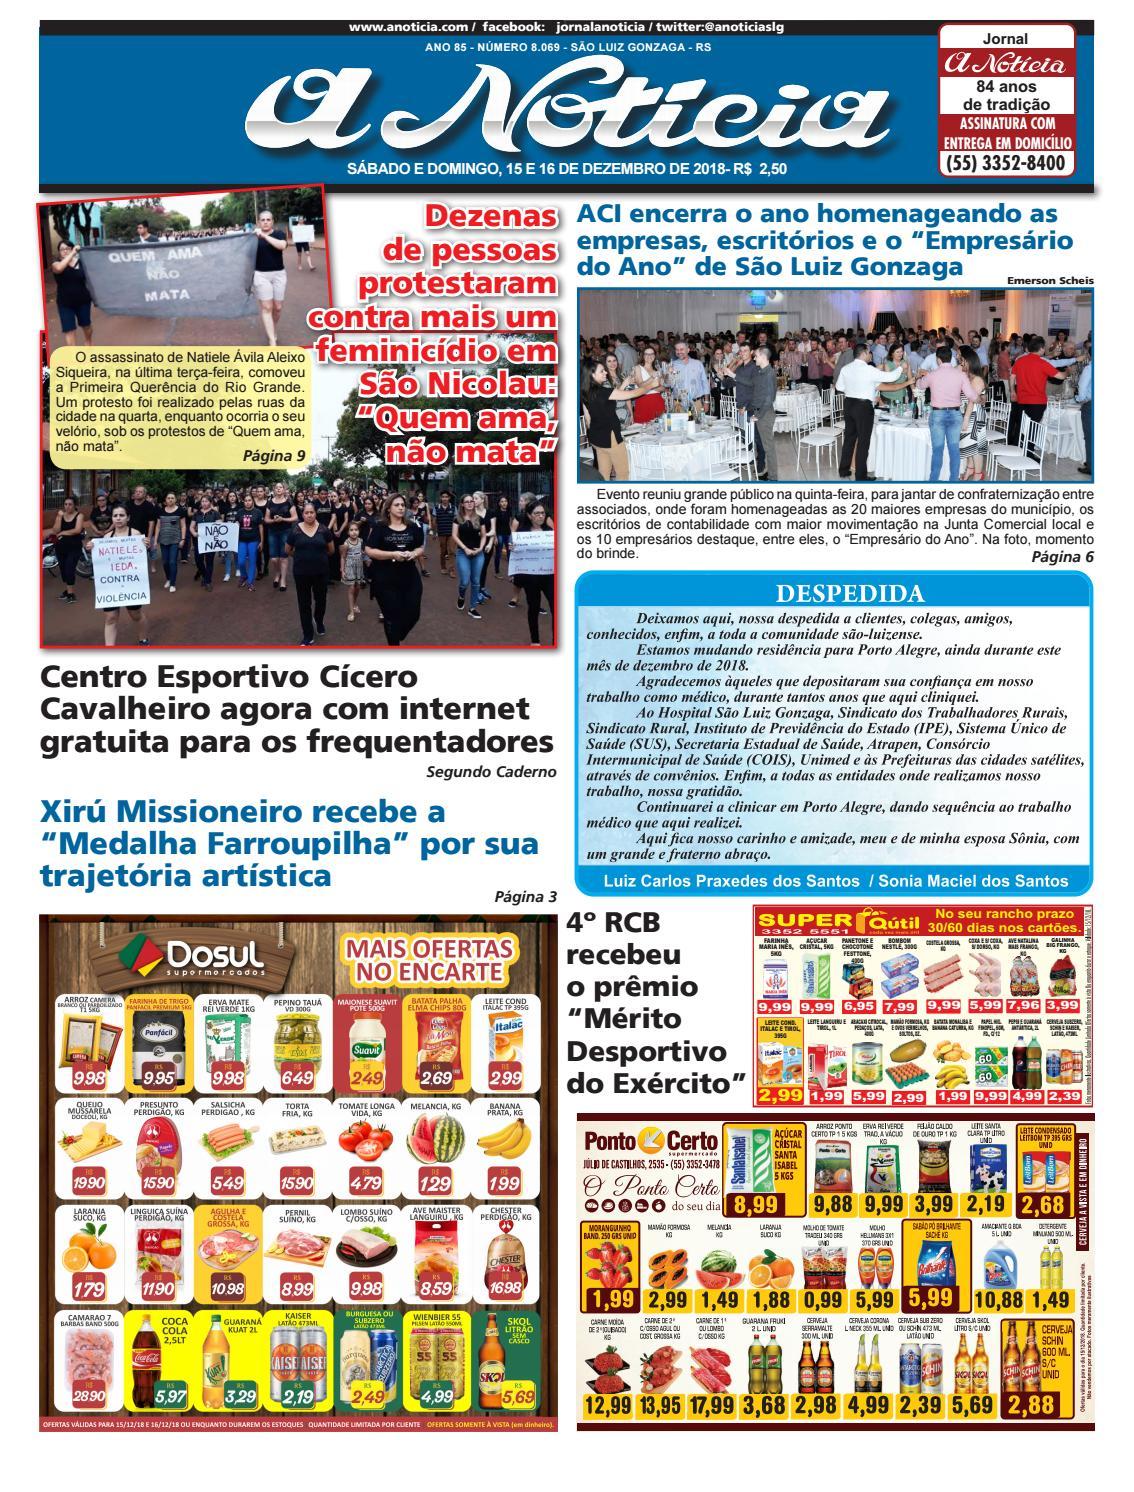 Edição de 15 e 16 de dezembro de 2018 by Jornal A Notícia - issuu 82c8ee2ff8